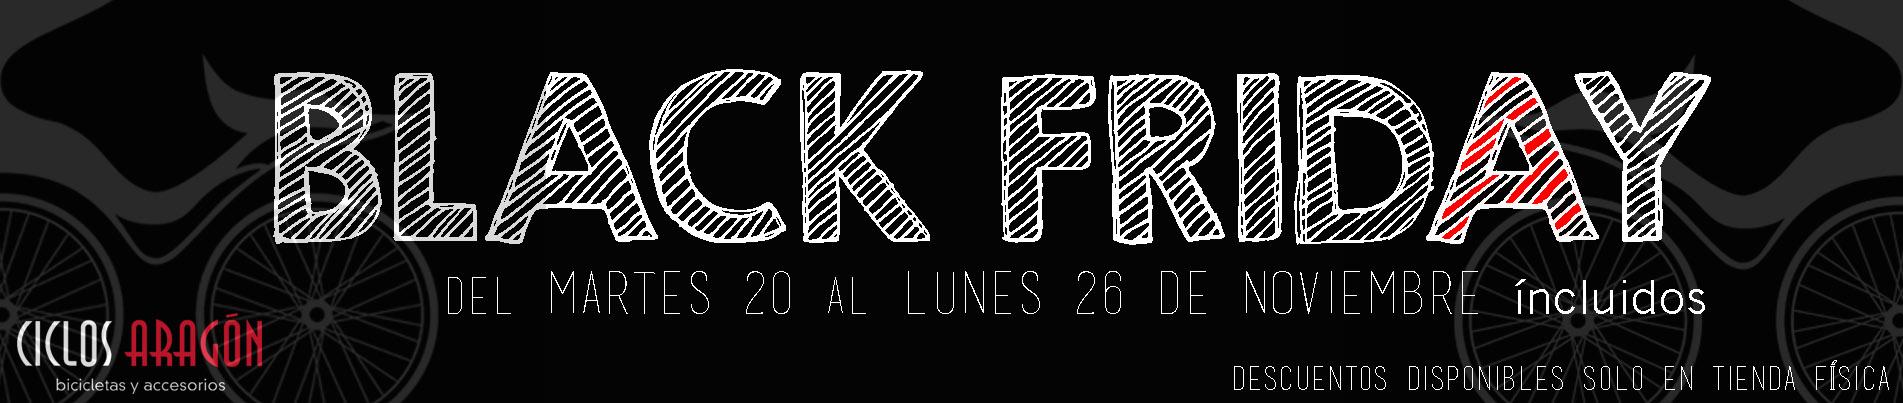 blackfridayweb2018